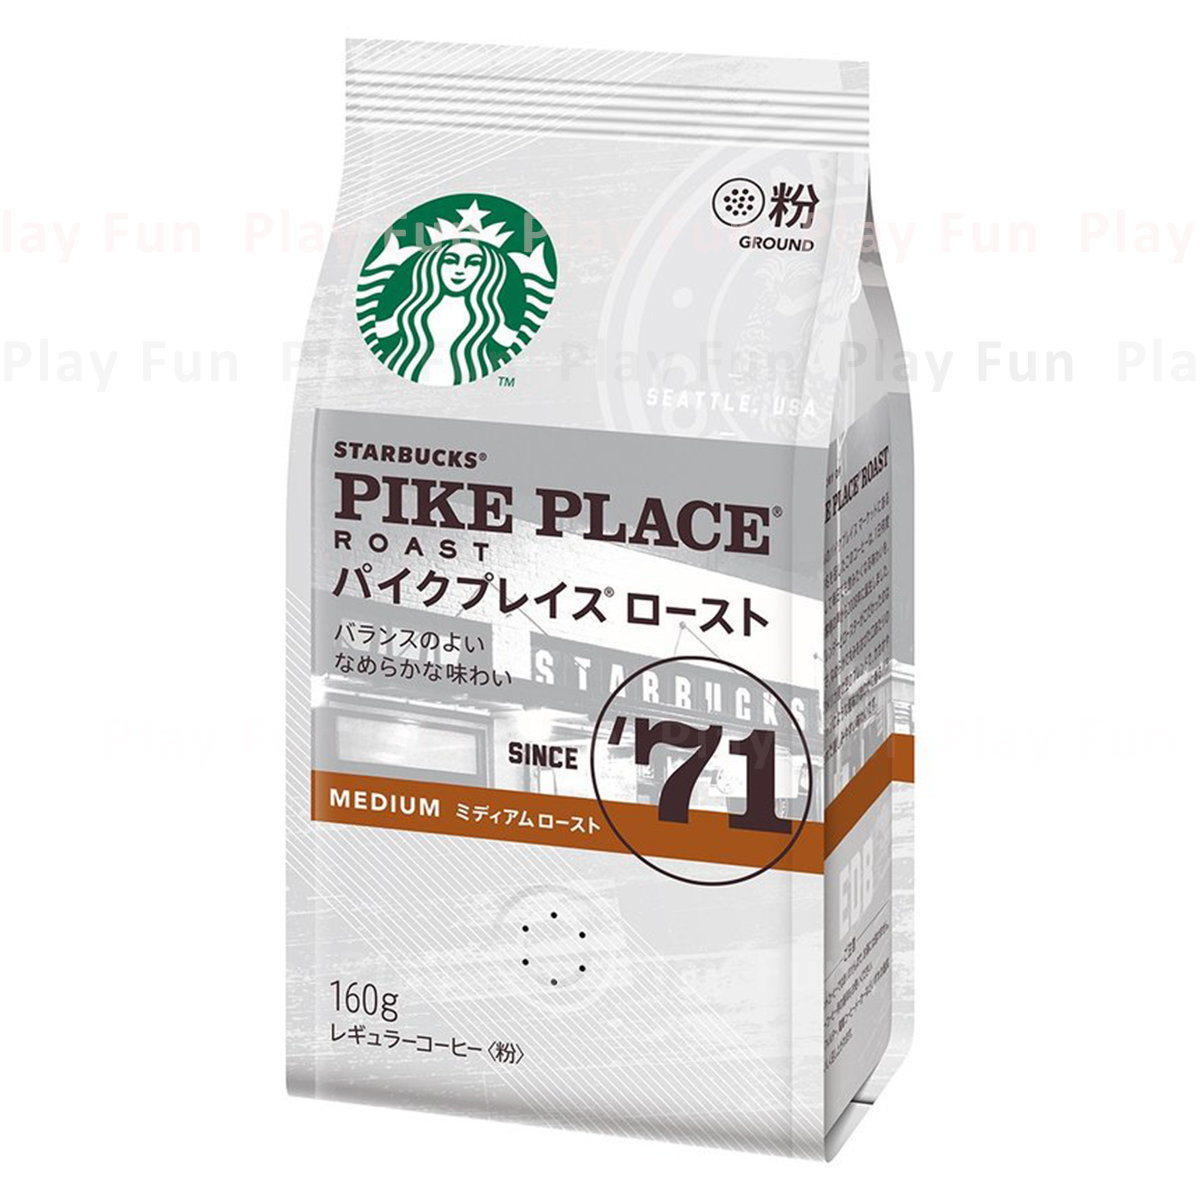 [日本版] 星巴克Pike Place Medium Roast咖啡粉160g  (4902201430449_1)